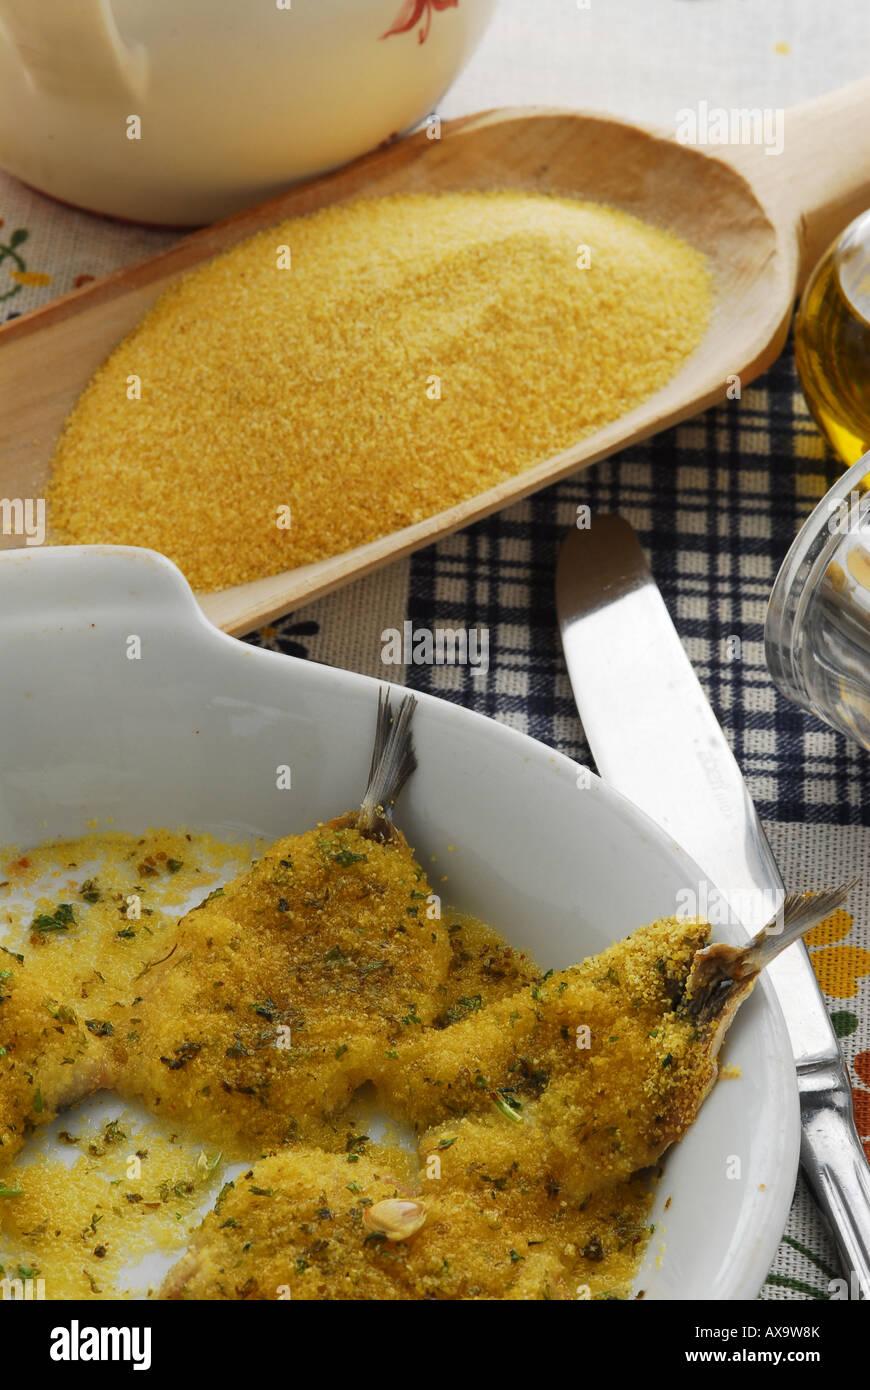 Anchoas gratinadas - Acciughe gratinate - Toscana receta - cocina italiana Imagen De Stock